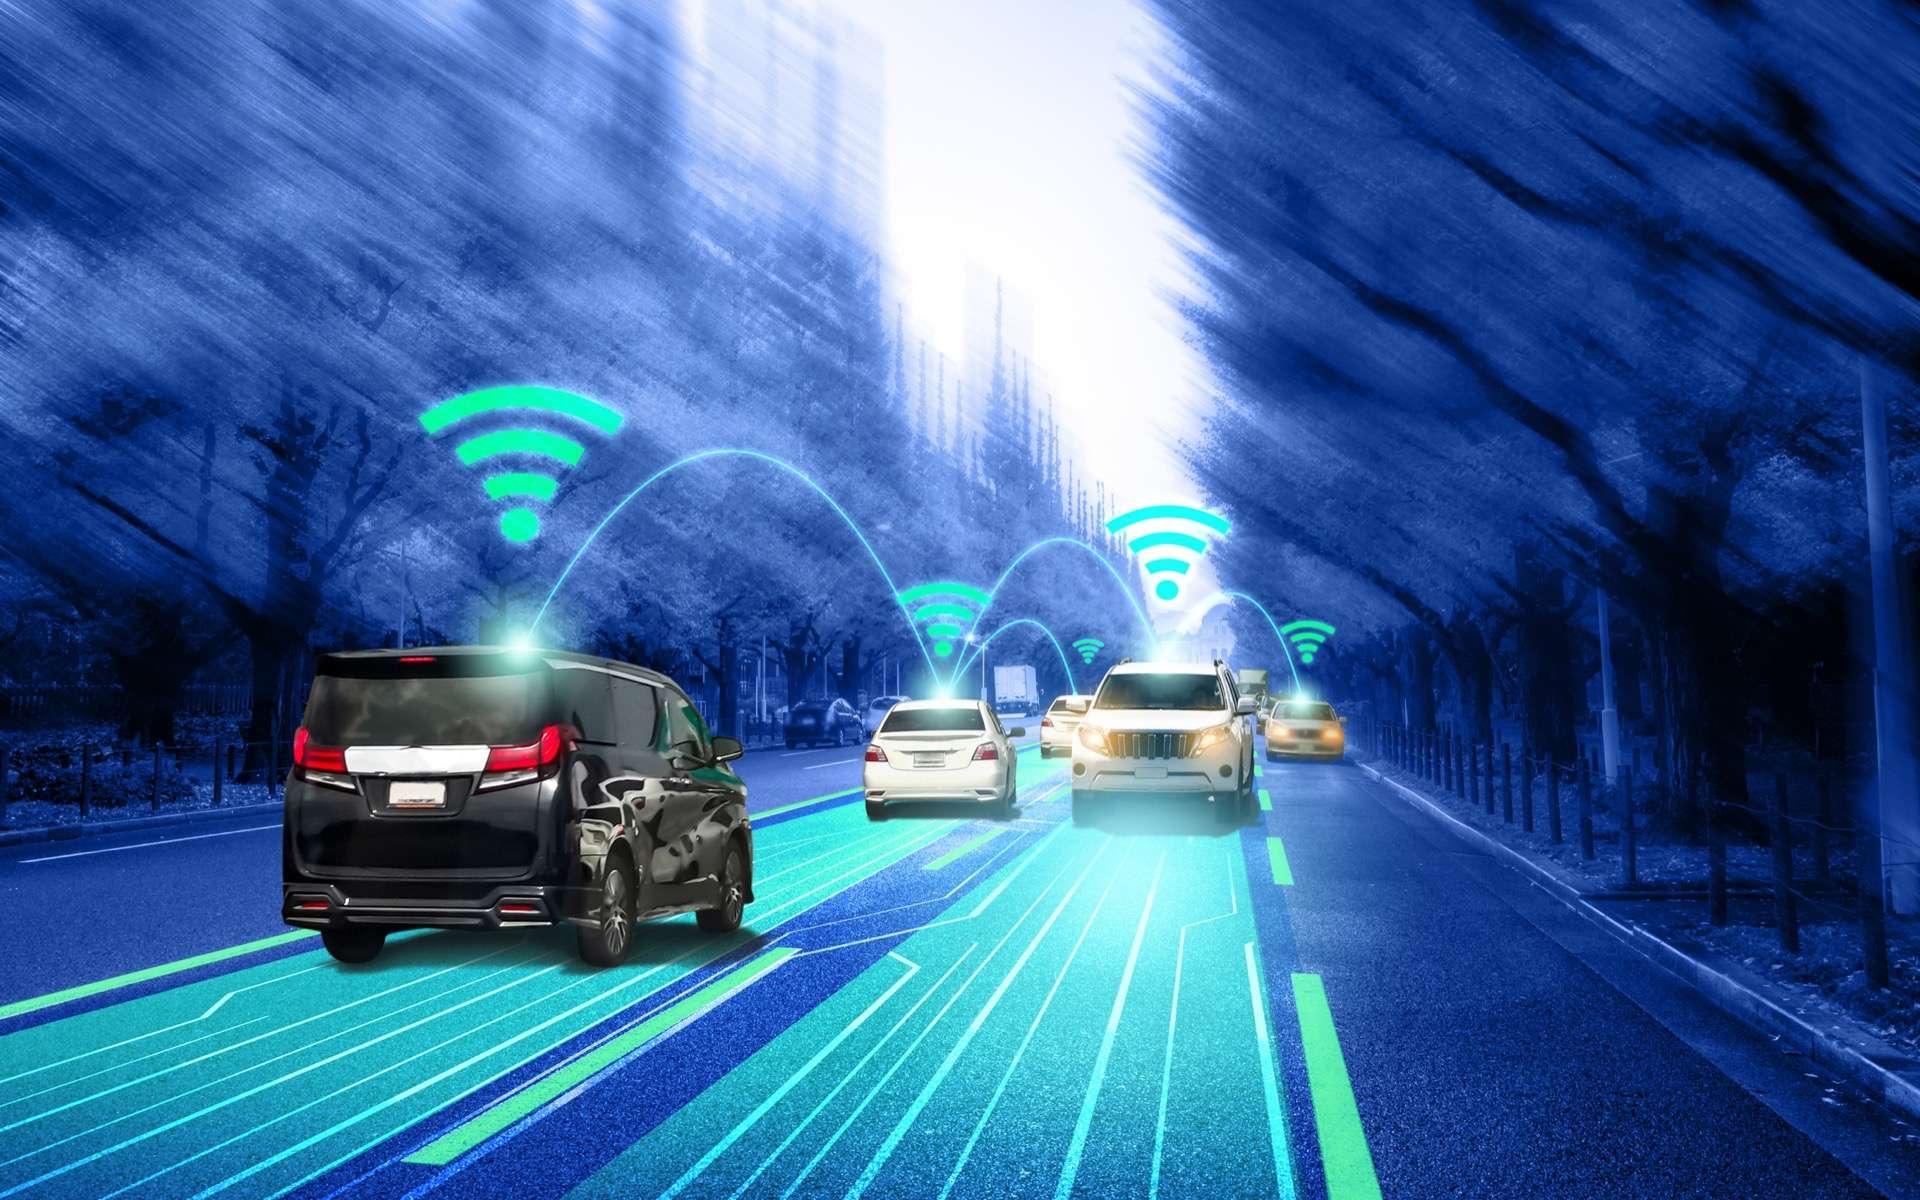 Les voitures autonomes vont redessiner nos usages et nos déplacements urbains. © Blue Planet Studio, Adobe Stock